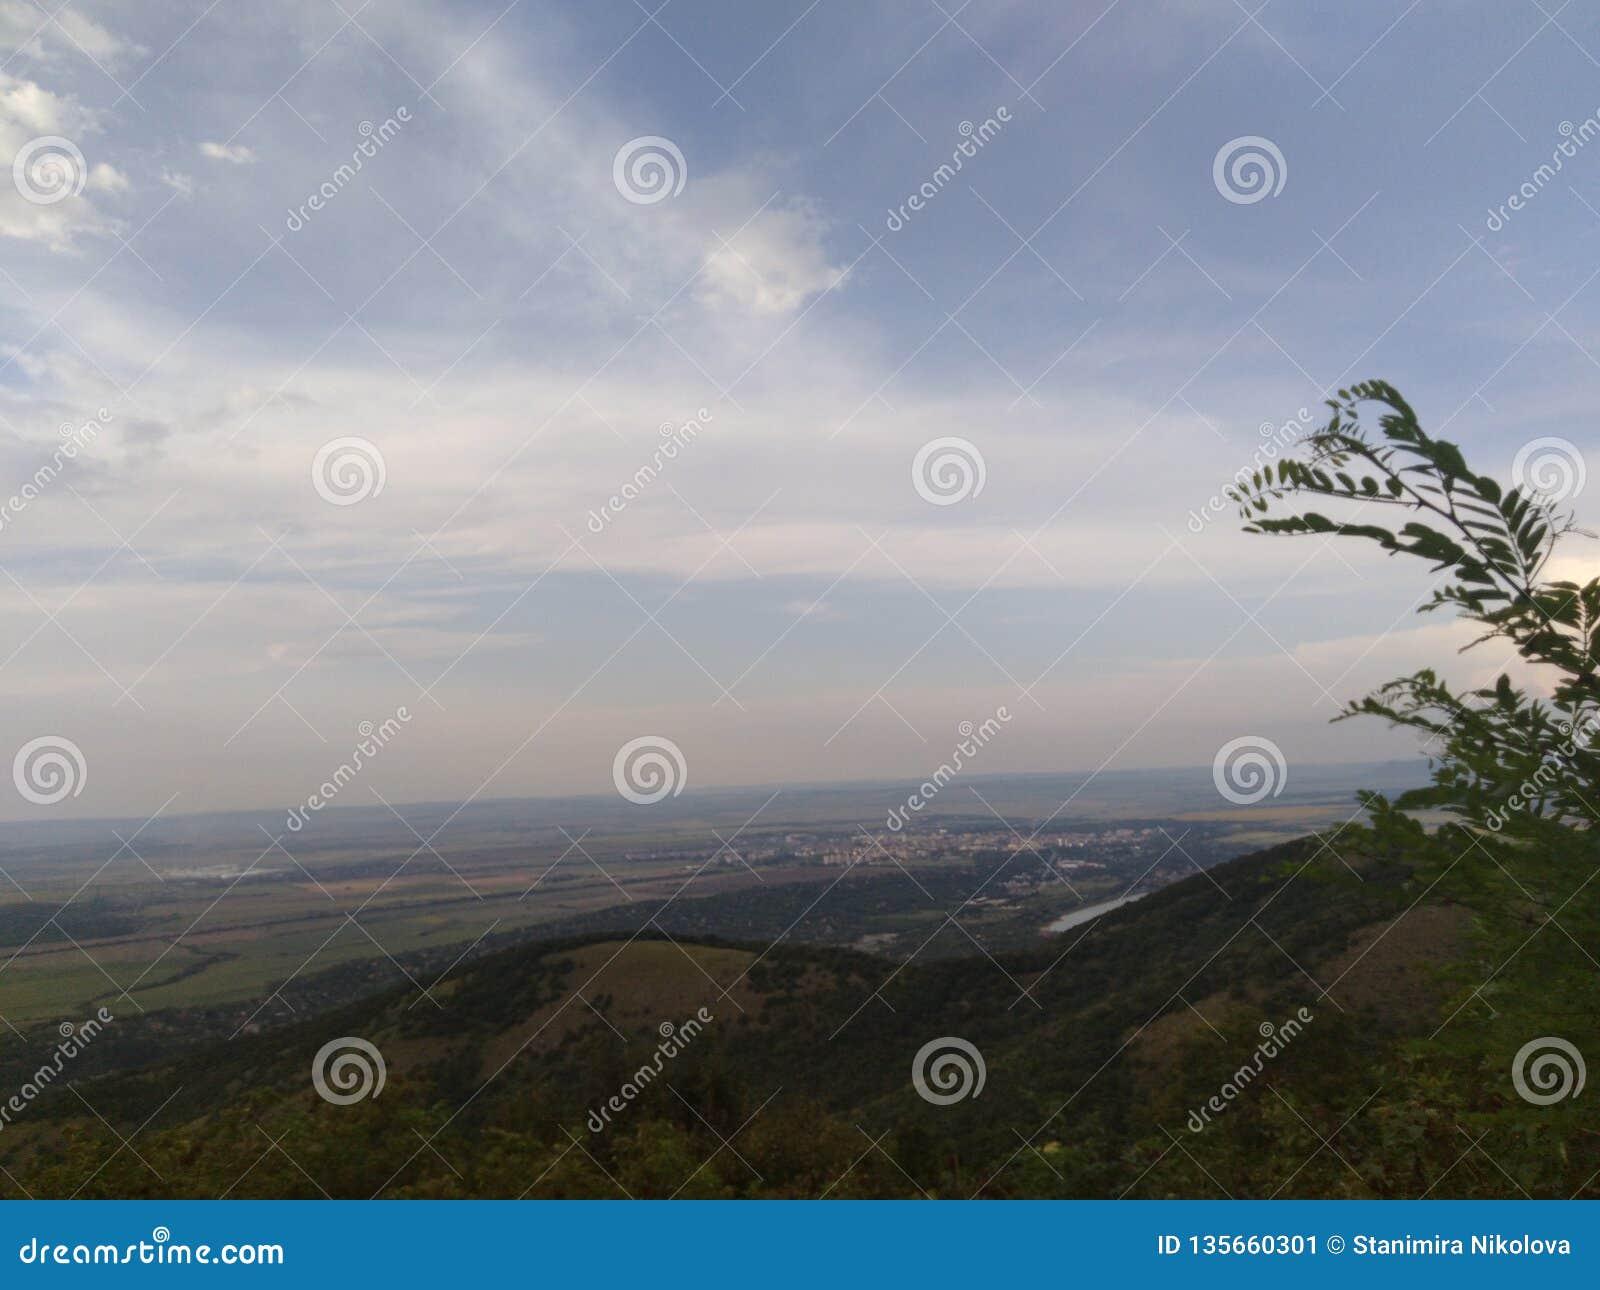 Imagen con vista de pájaro